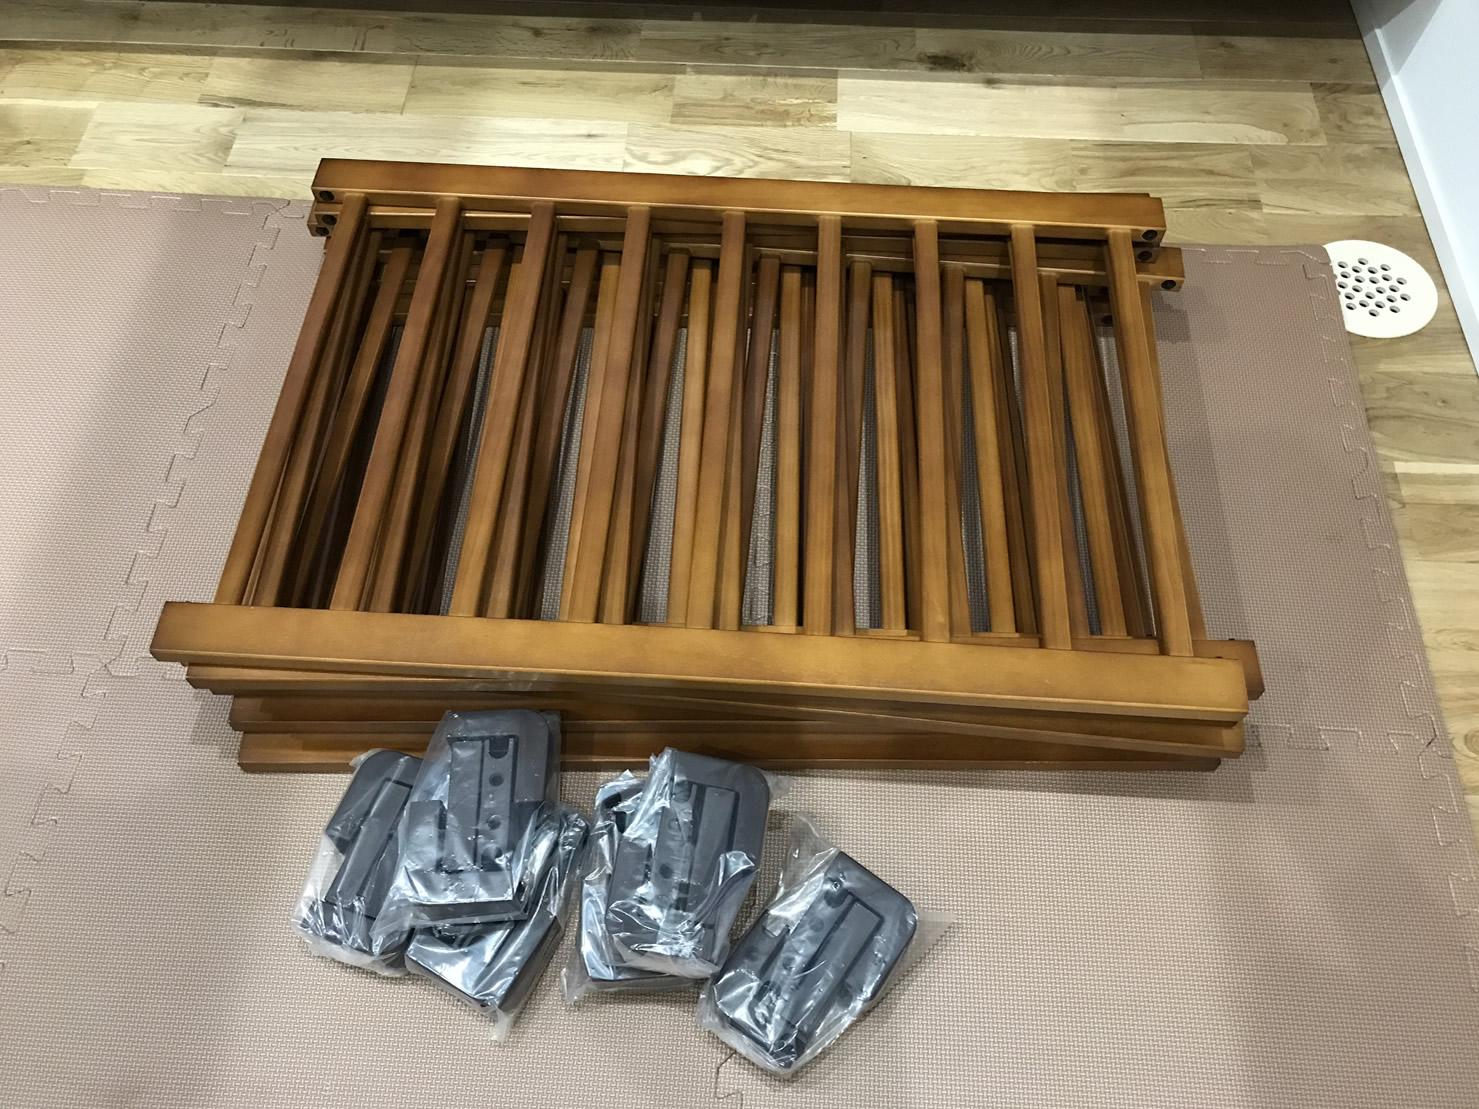 木製のベビーサークル のセット